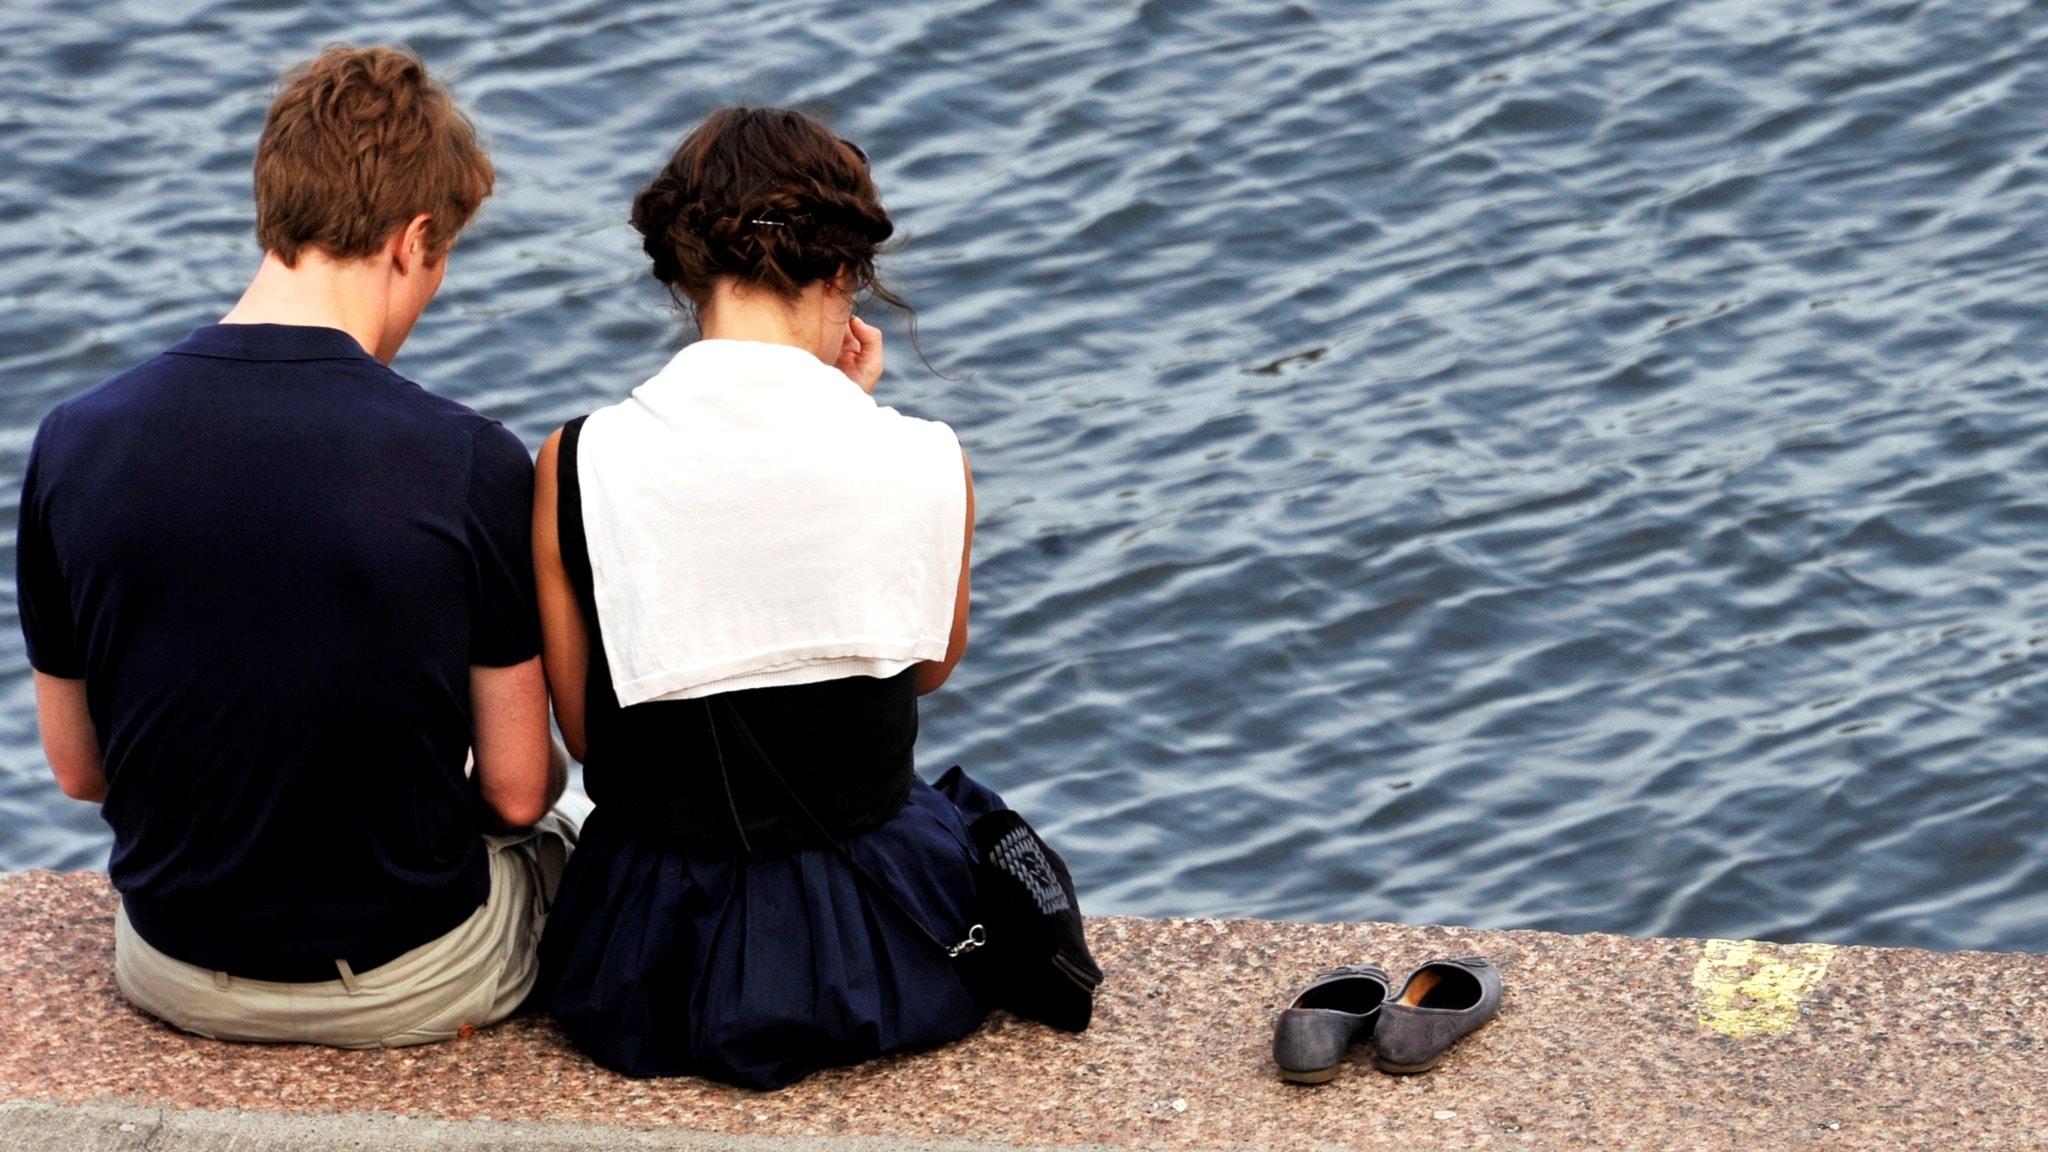 Vänskap mellan kvinna och man - enkelt eller komplicerat?